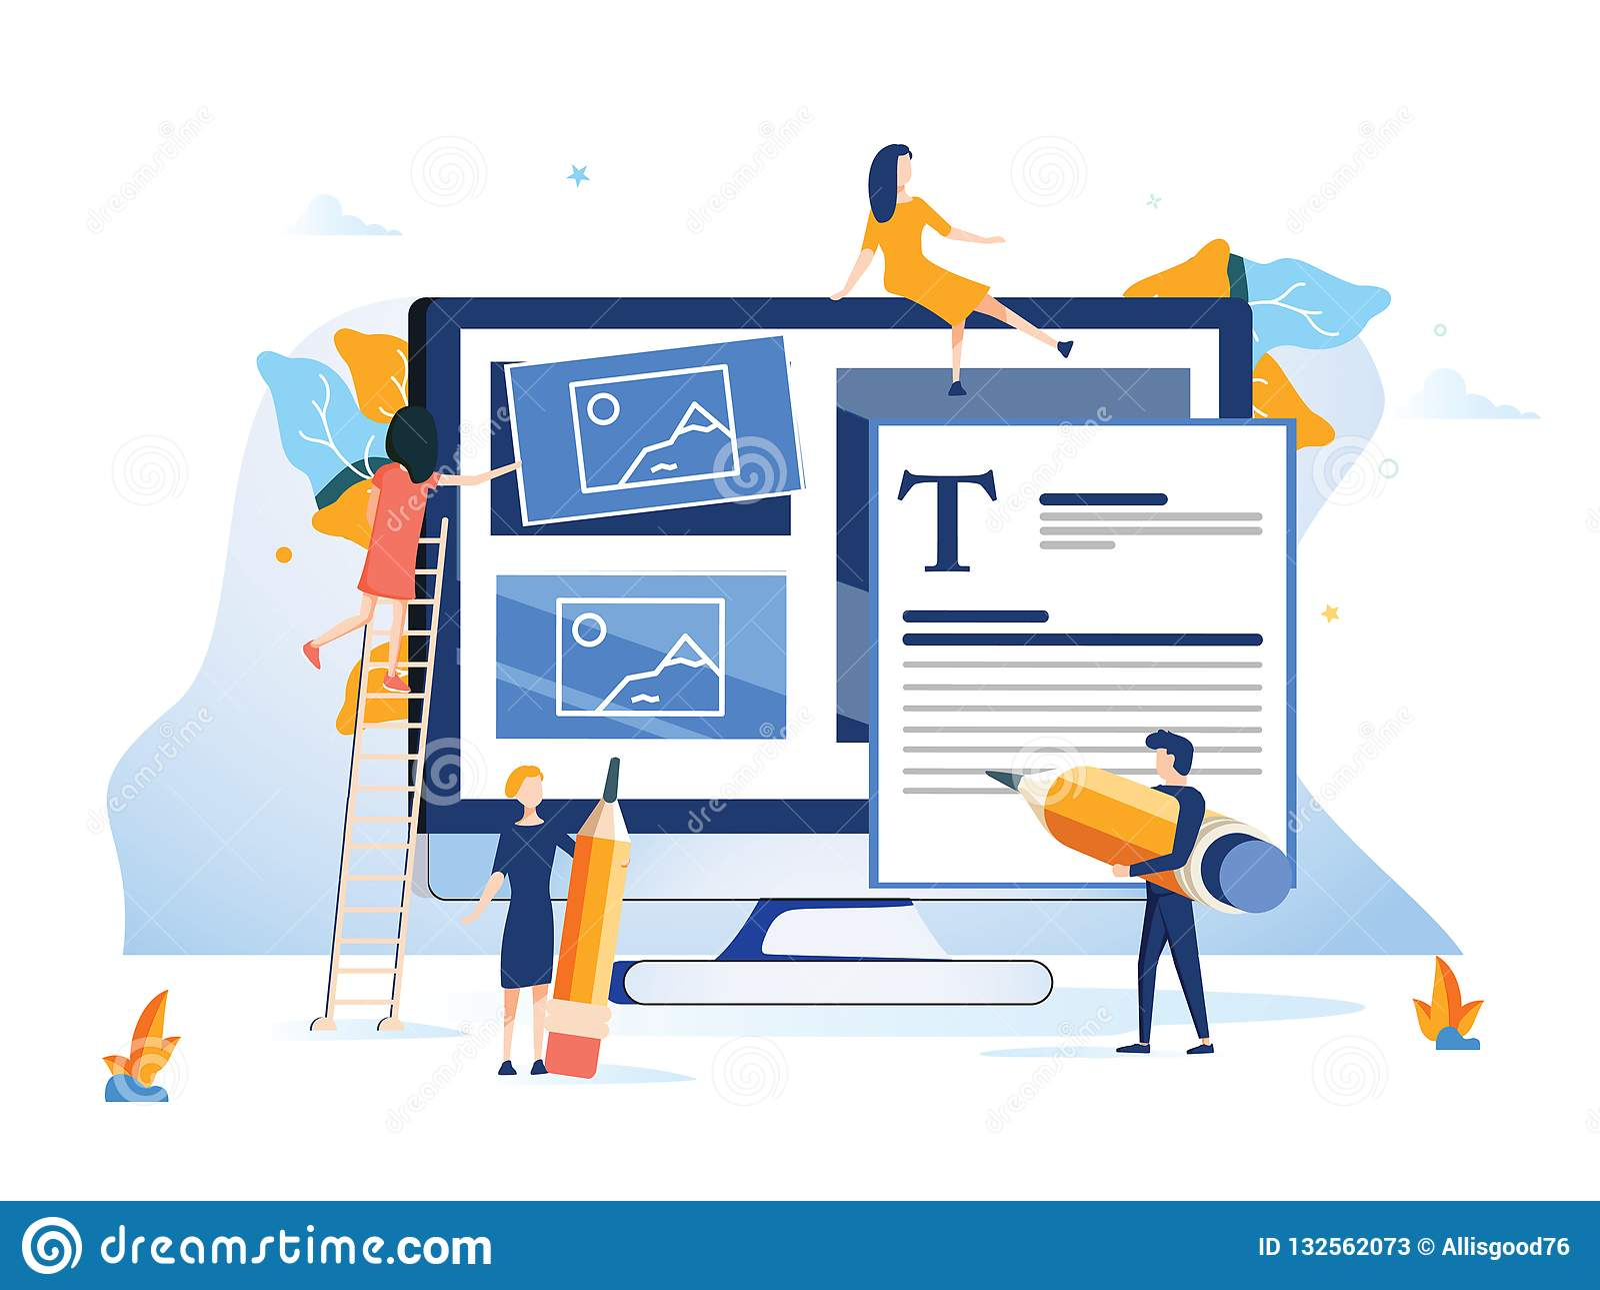 Användbarhet för design för utveckling för erfarenhet för den begreppsUx användaren förbättrar programvara för att framkalla före